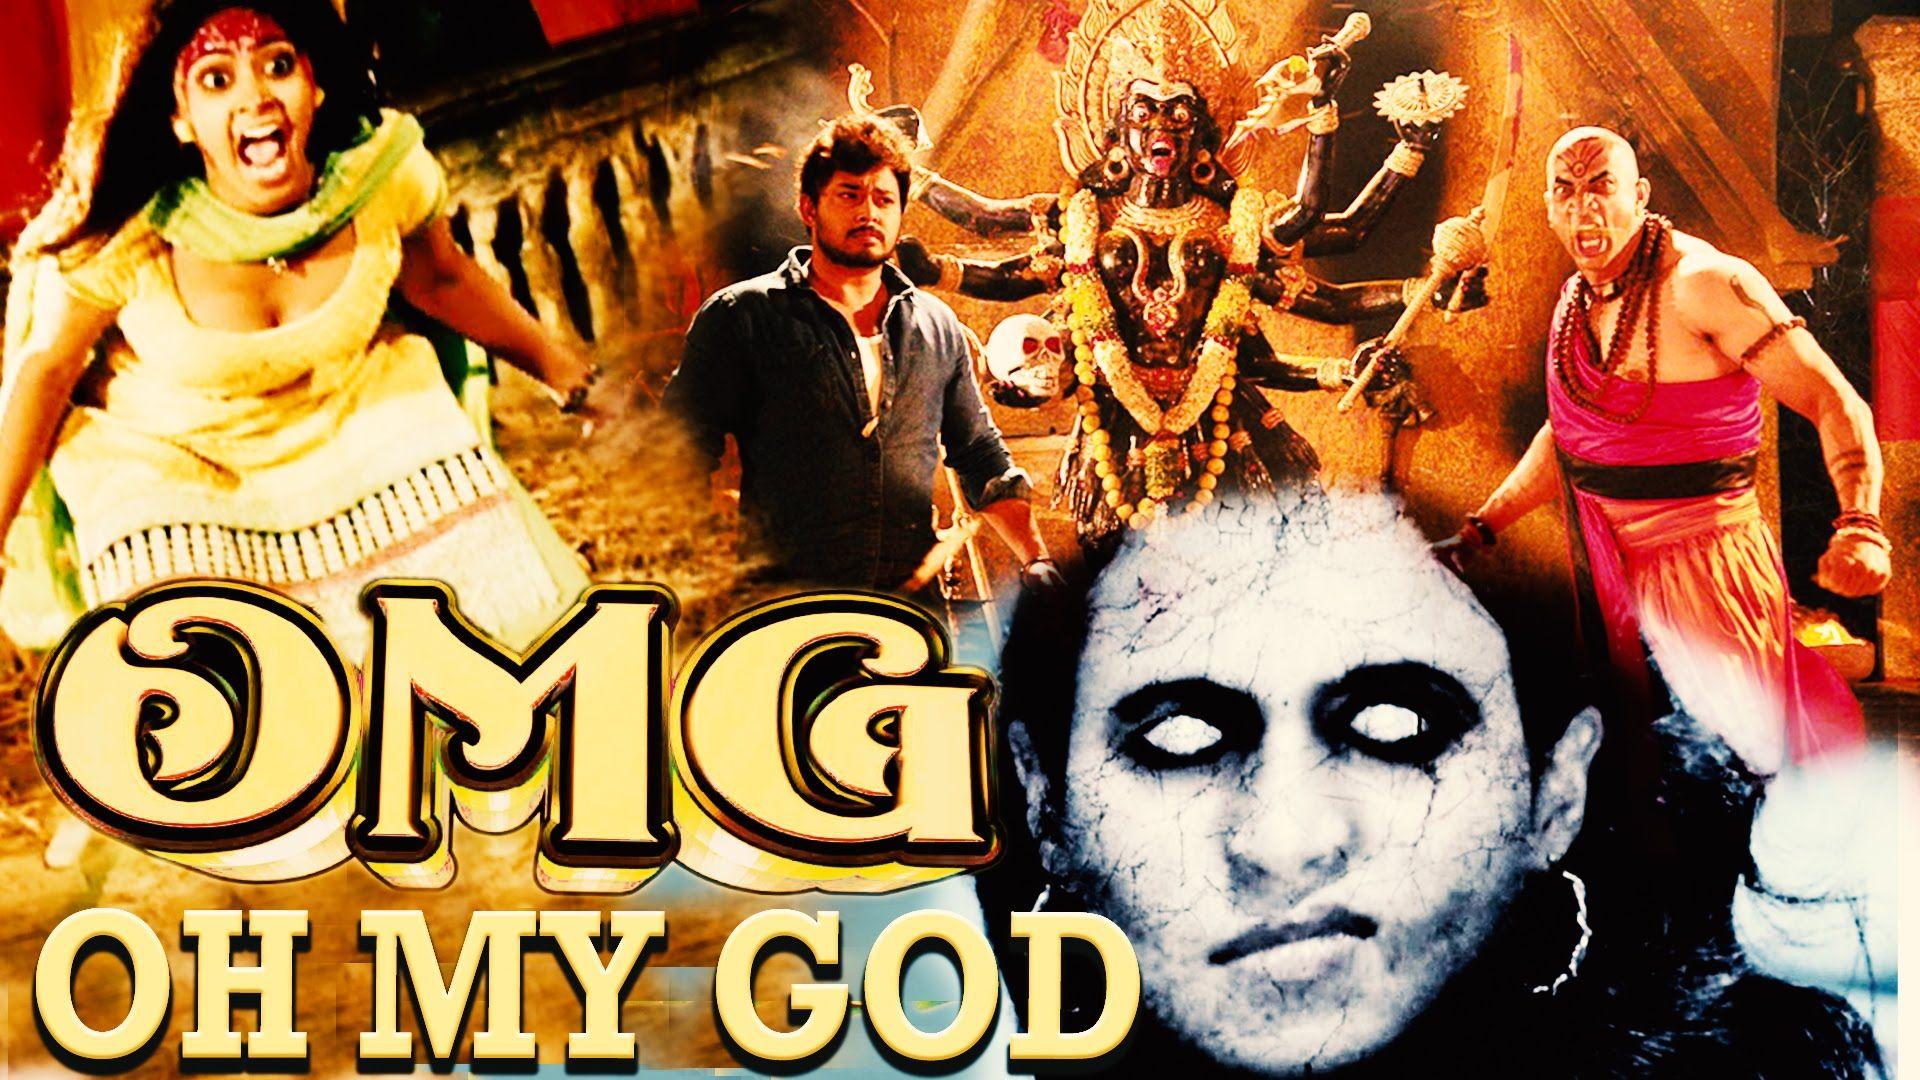 Oh My God Hindi Movie Free Download Utorrent Viepoifahpu